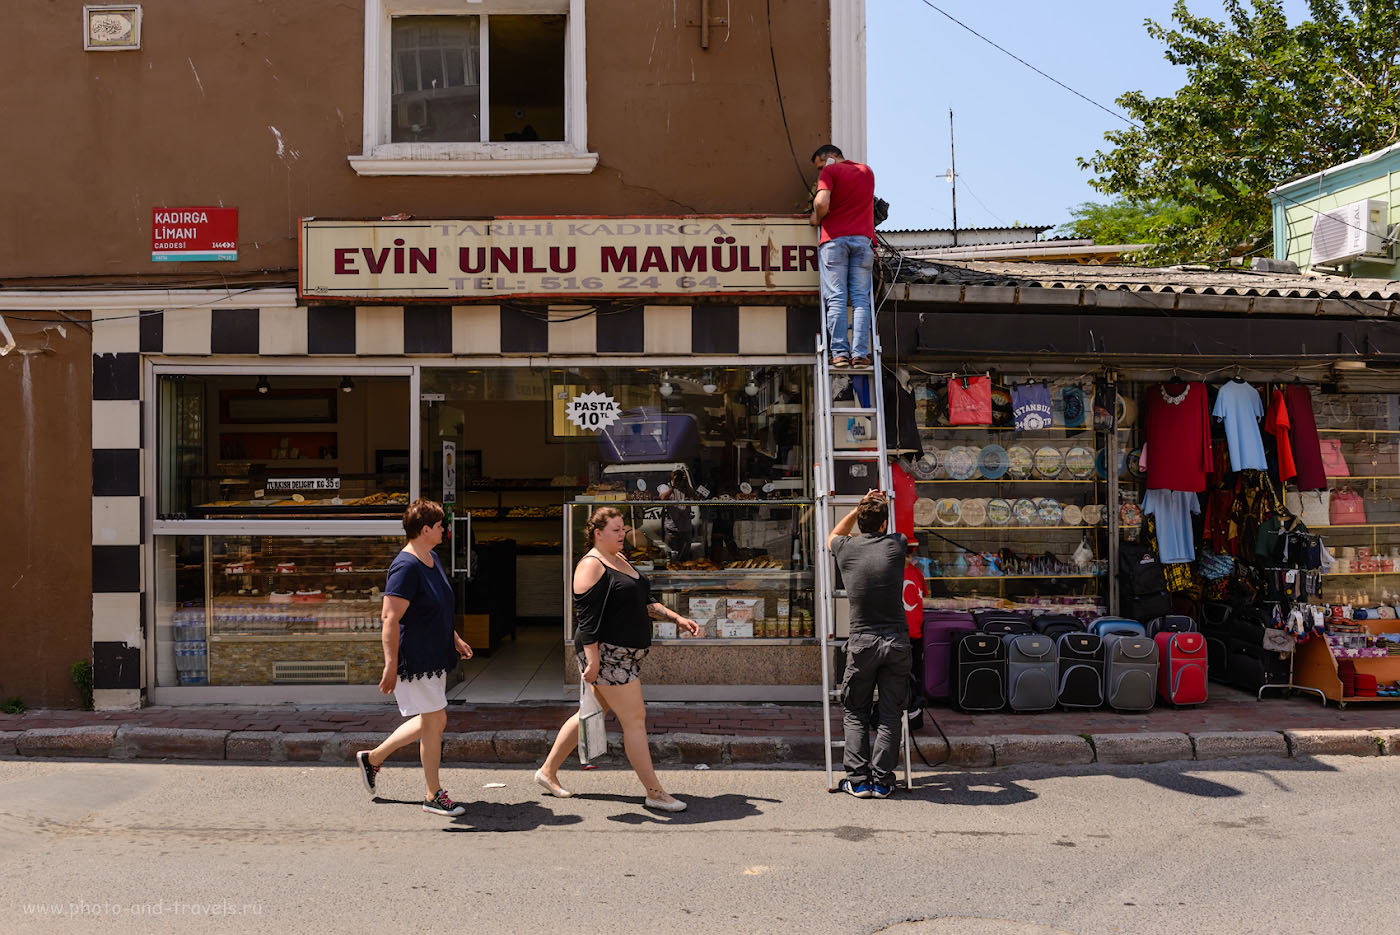 Фото 15. Прогулки по Стамбулу. Отзывы туристов об отдыхе в Турции. 1/500, -0.67, 8.0, 29.